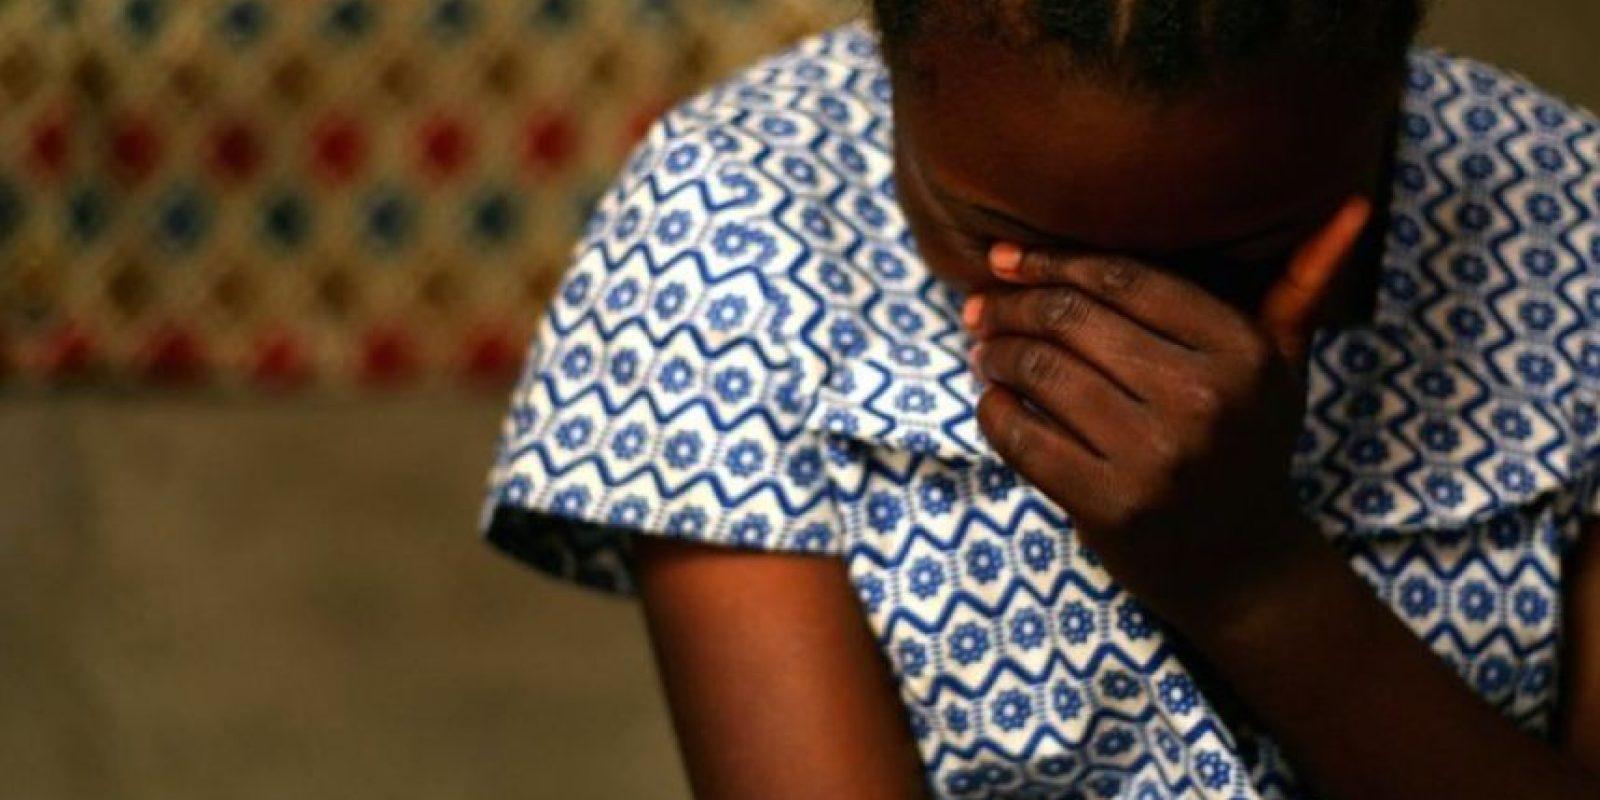 Un total de tres mil 892 mujeres han sido asesinadas en México durante los años 2012 y 2013, esto para un promedio de cinco al día, reveló un informe del Observatorio Nacional Contra el Feminicidio. Foto:vía Getty Images